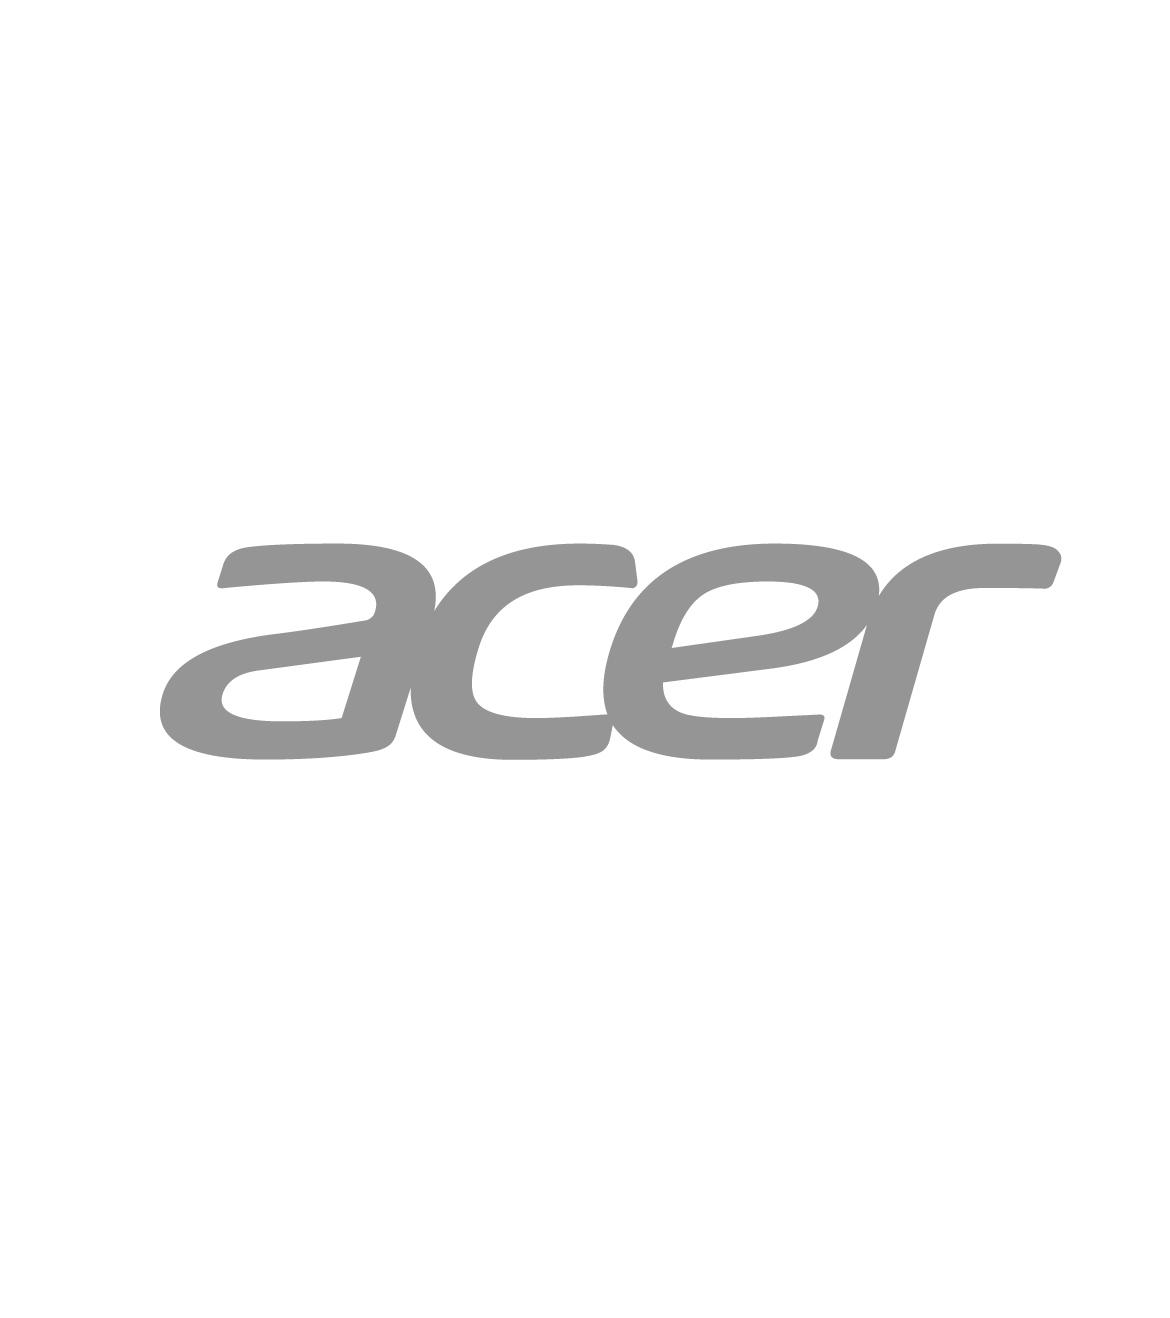 Acer_newLogo368